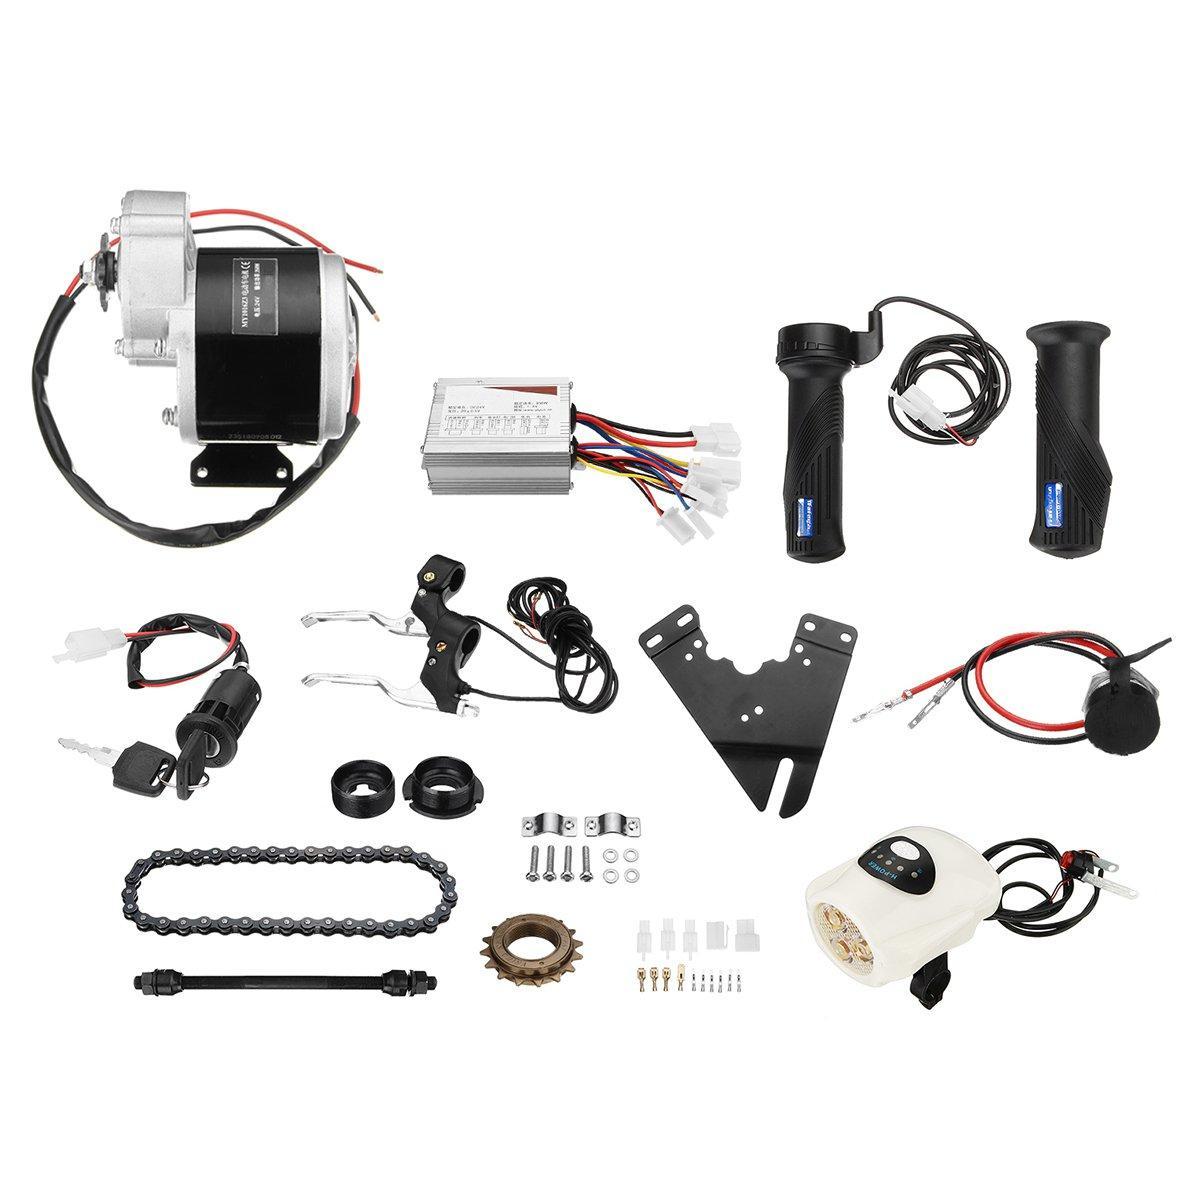 24V 350W Motor eléctrico de bicicleta Scooter Motor controlador de conversión Kit